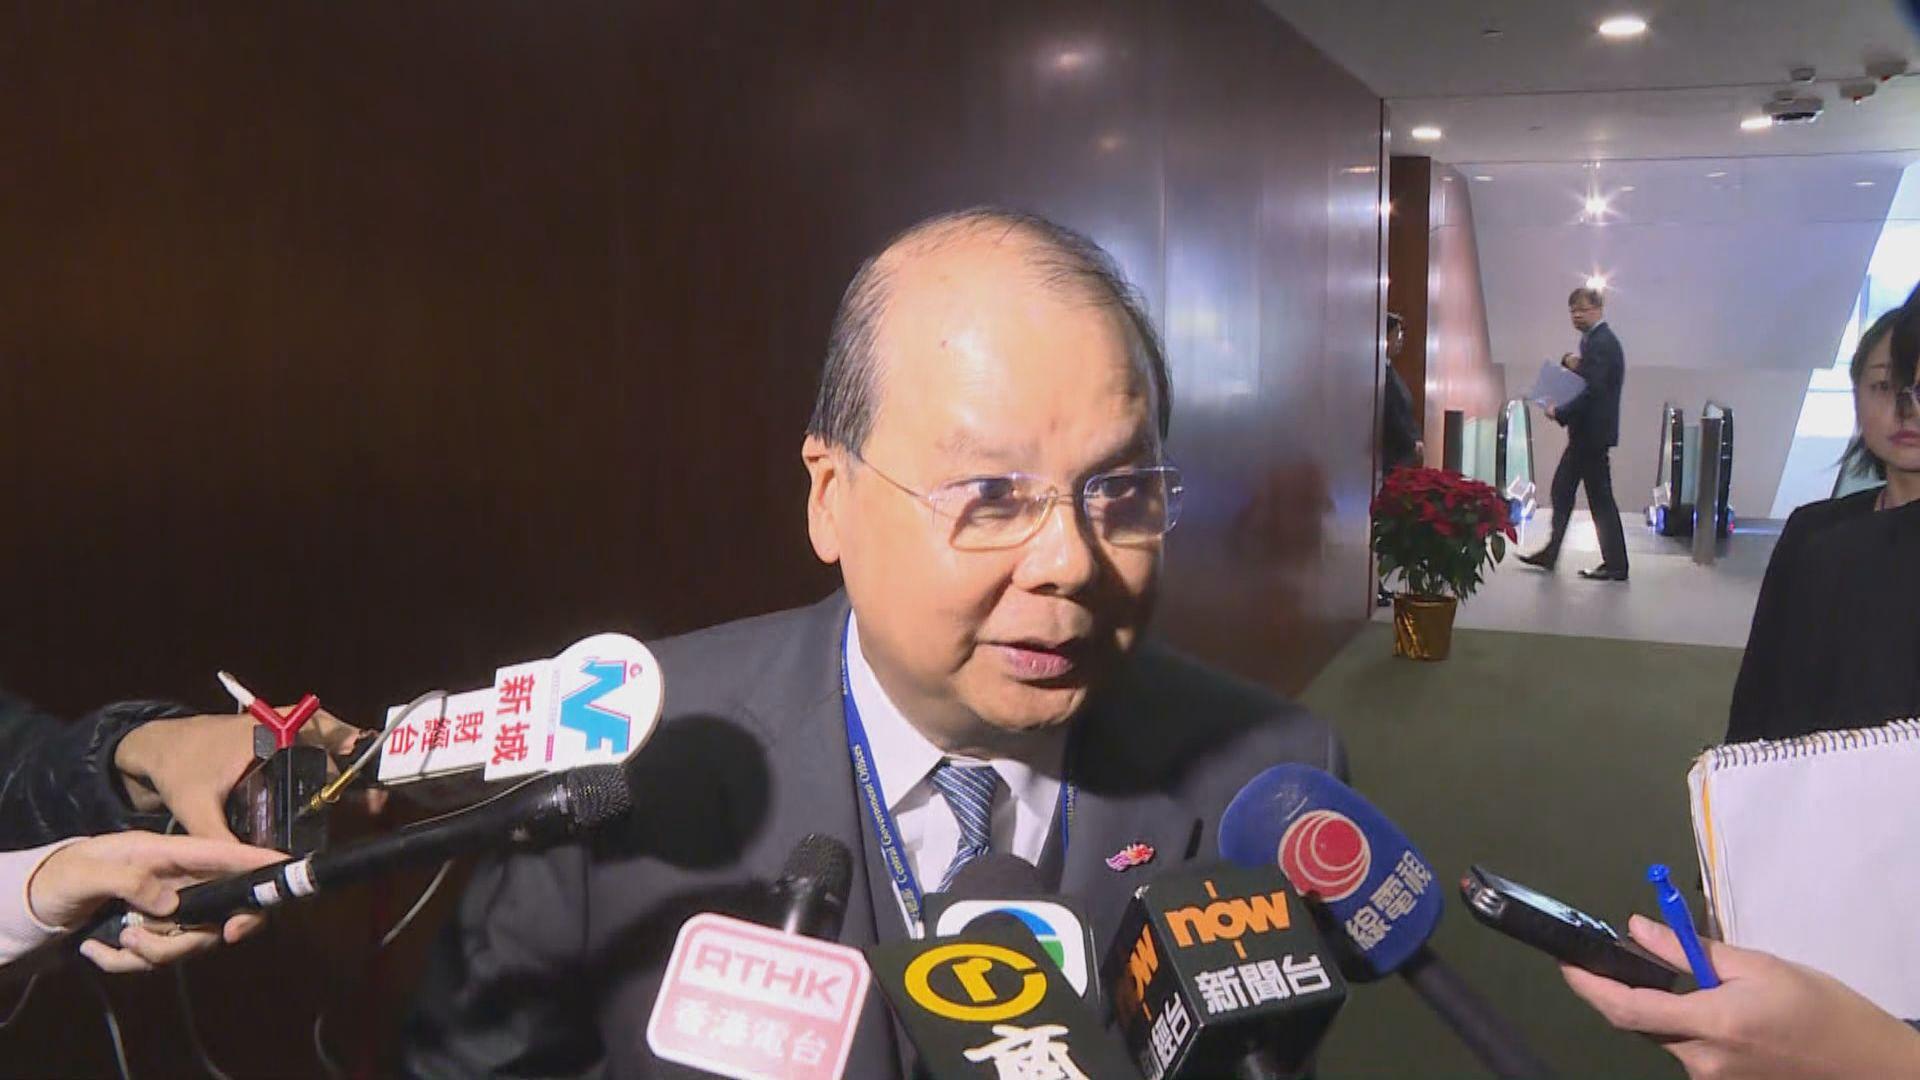 張建宗:若有不清楚地方相信監警會會進一步澄清